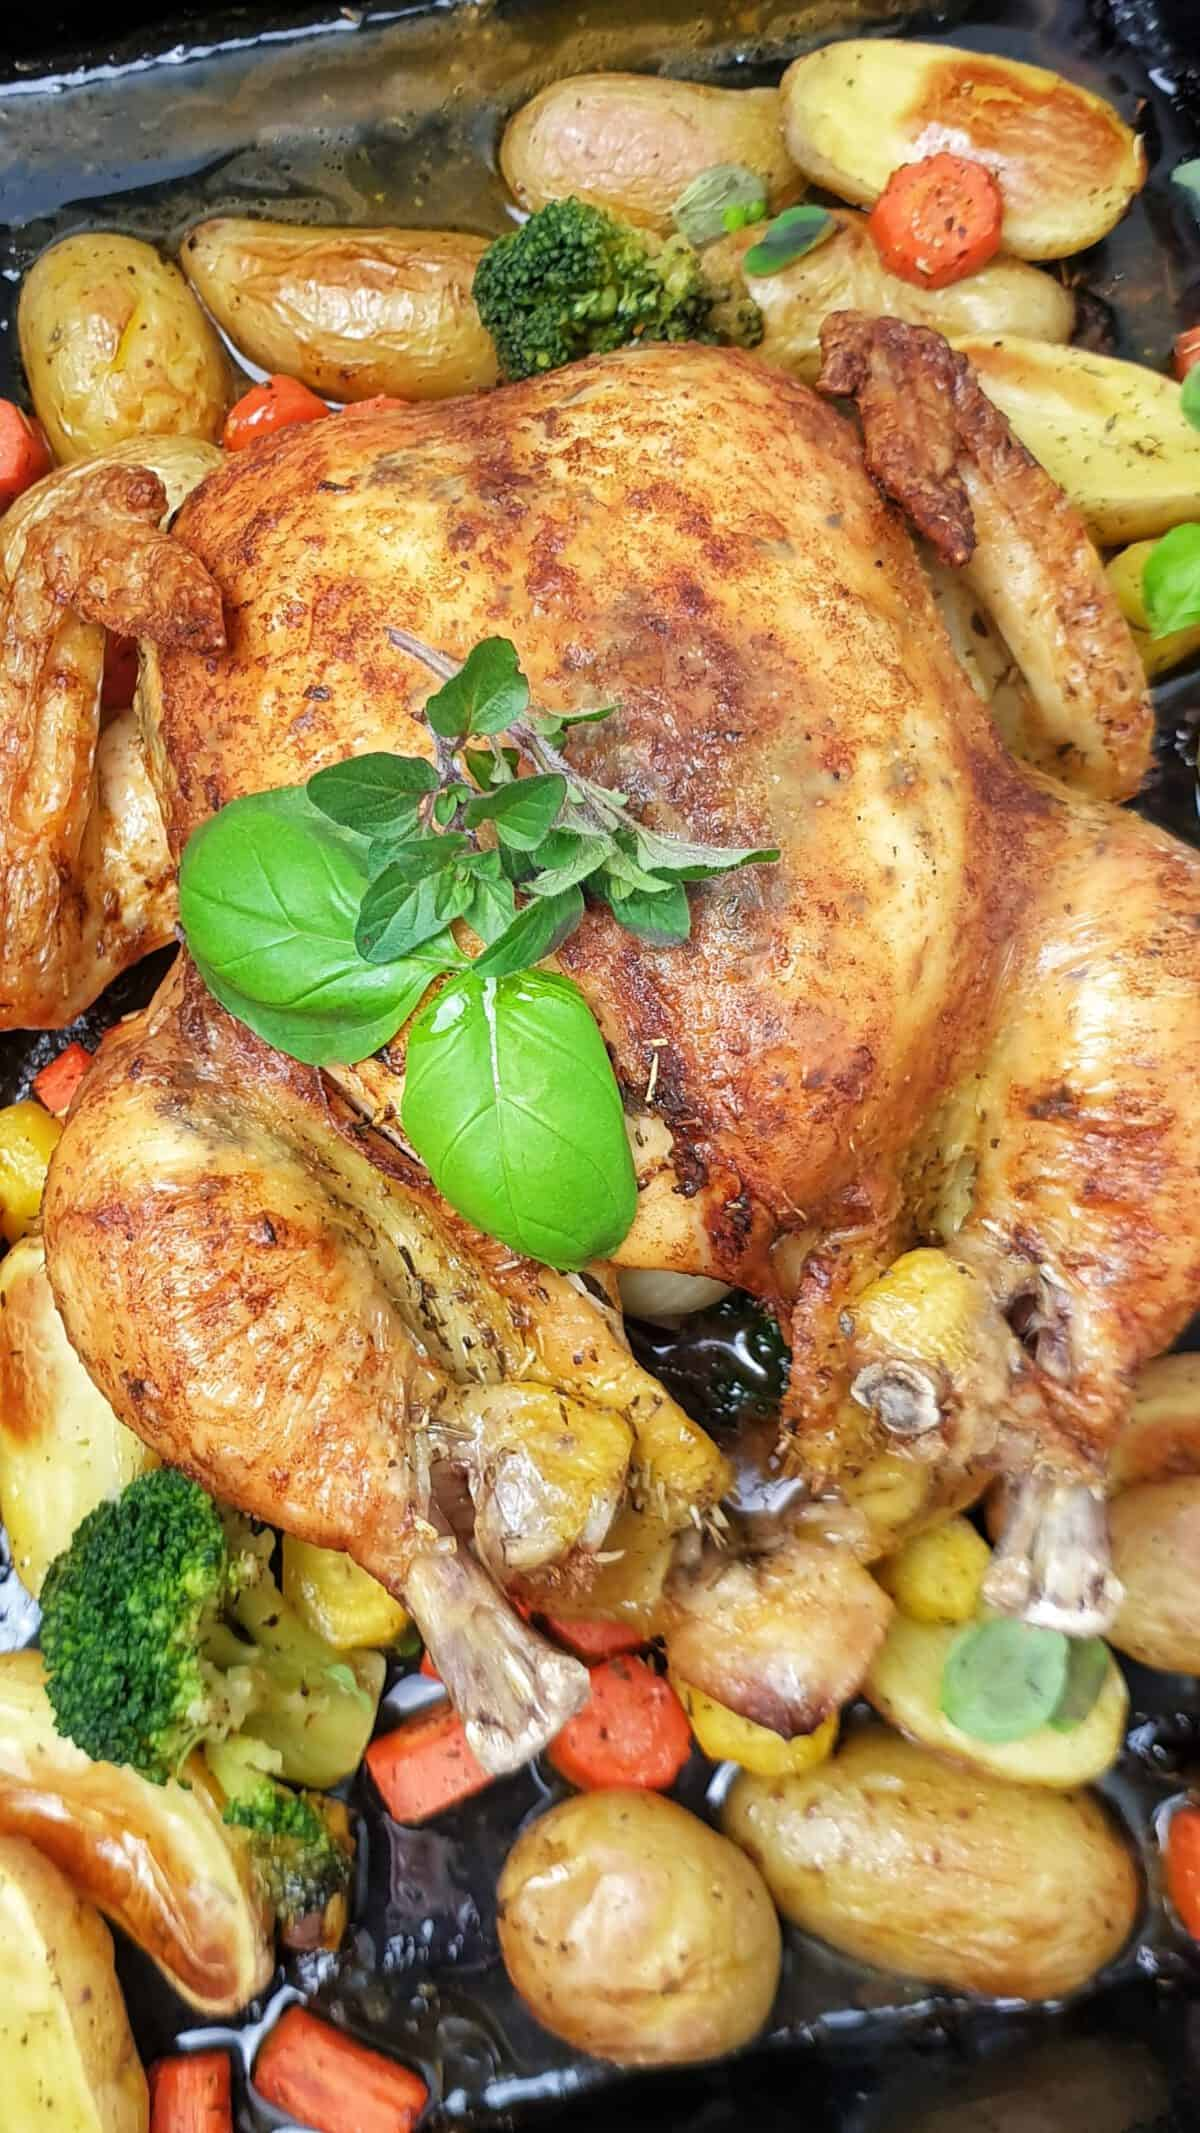 Auf einem schwarzen Backblech ganzes Hähnchen / Poularde aus dem Ofen auf Gemüse und Kartoffeln.